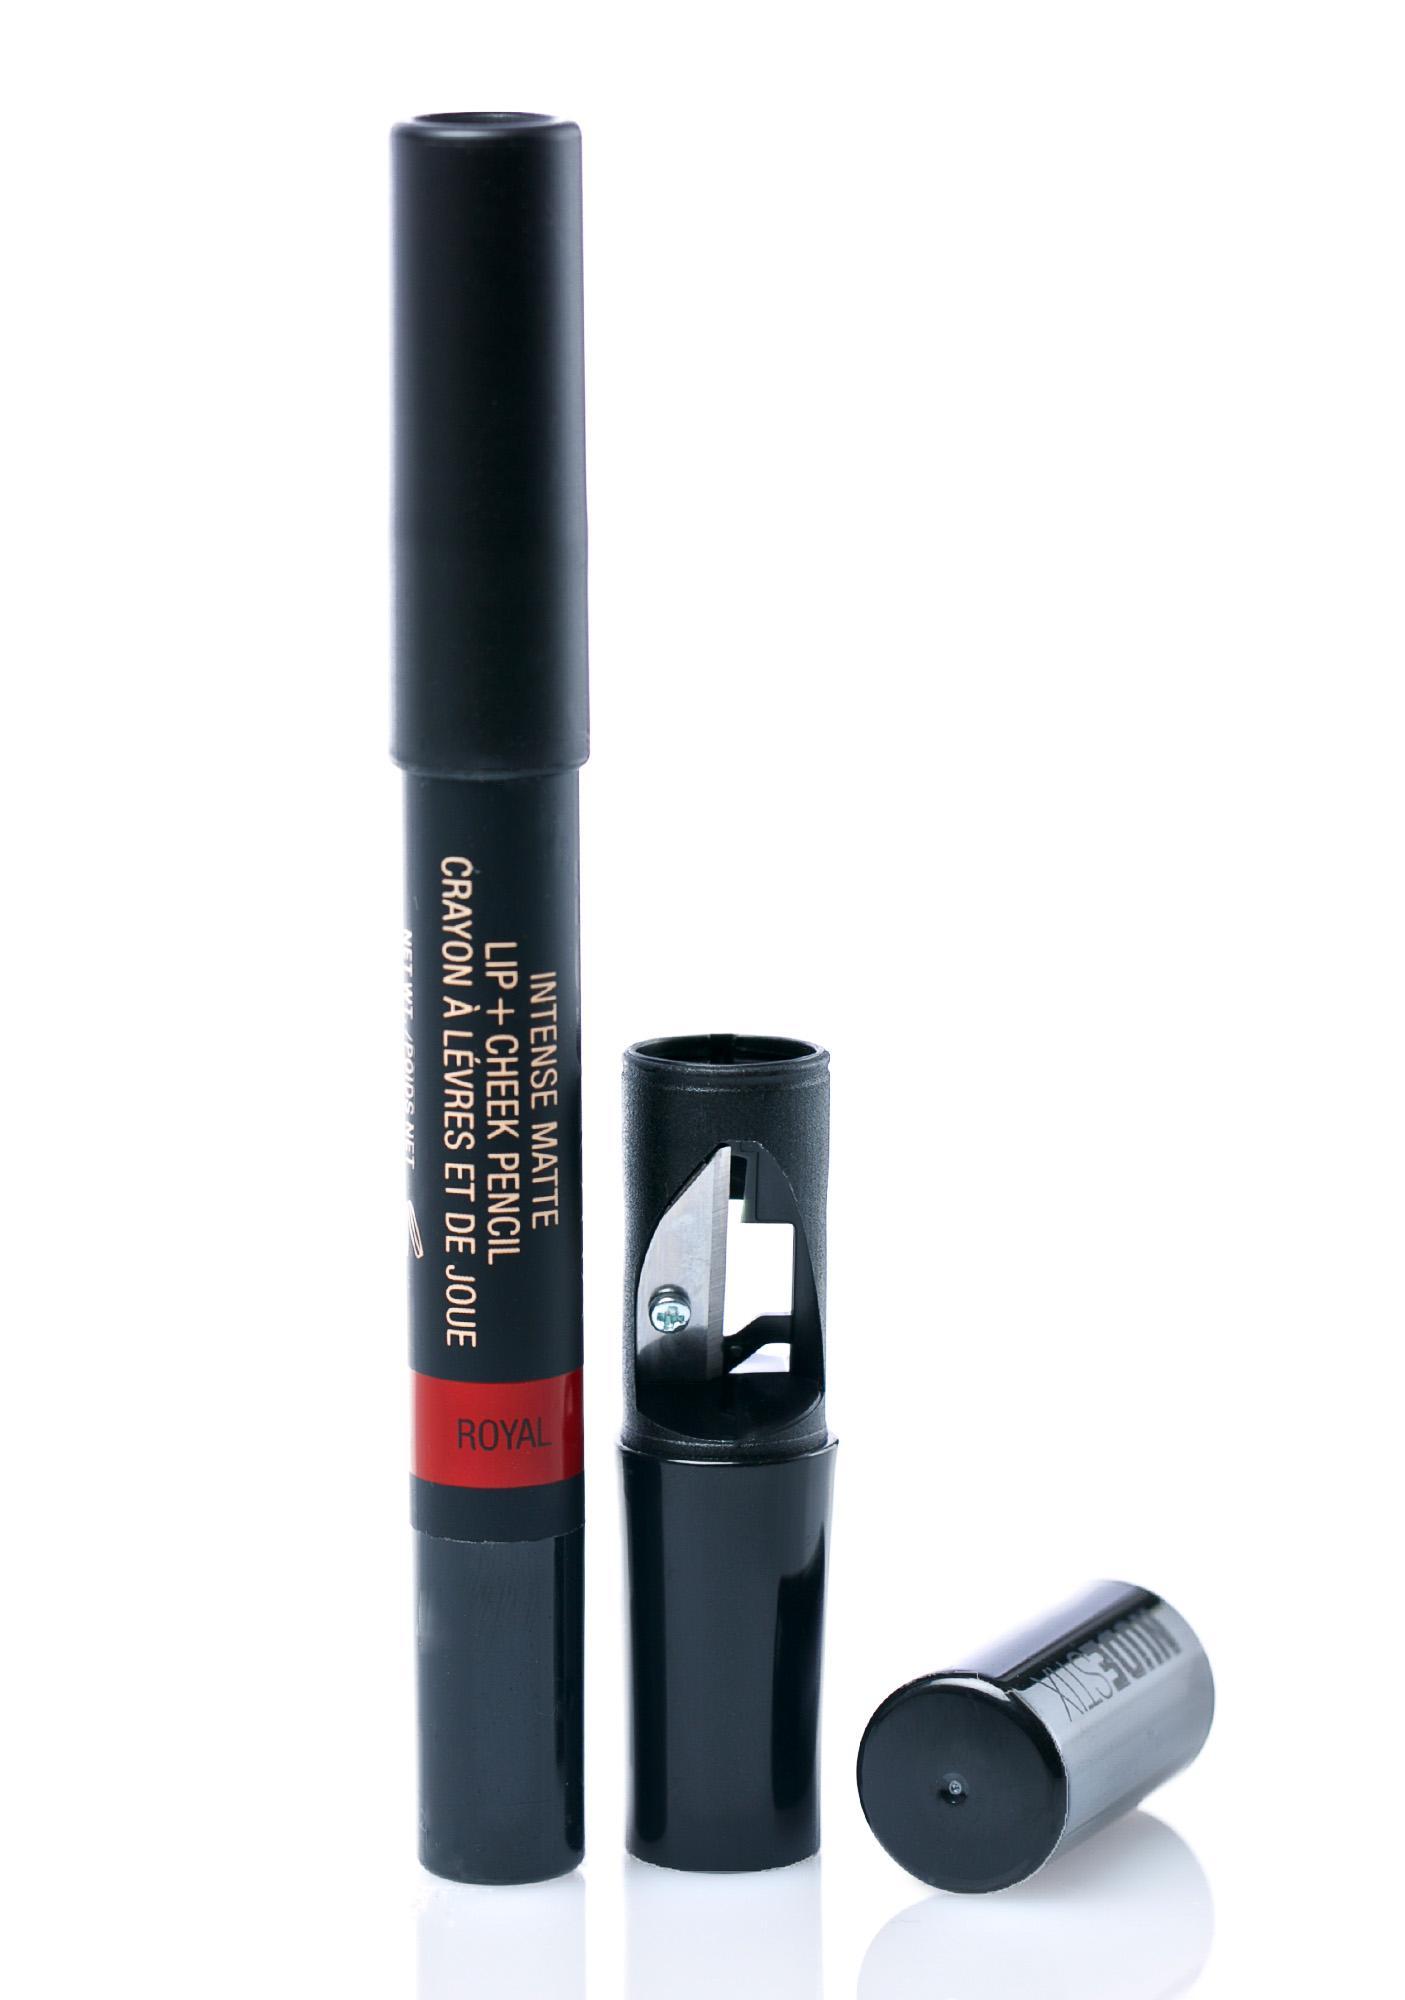 Nudestix Royal Matte Lip + Cheek Pencil